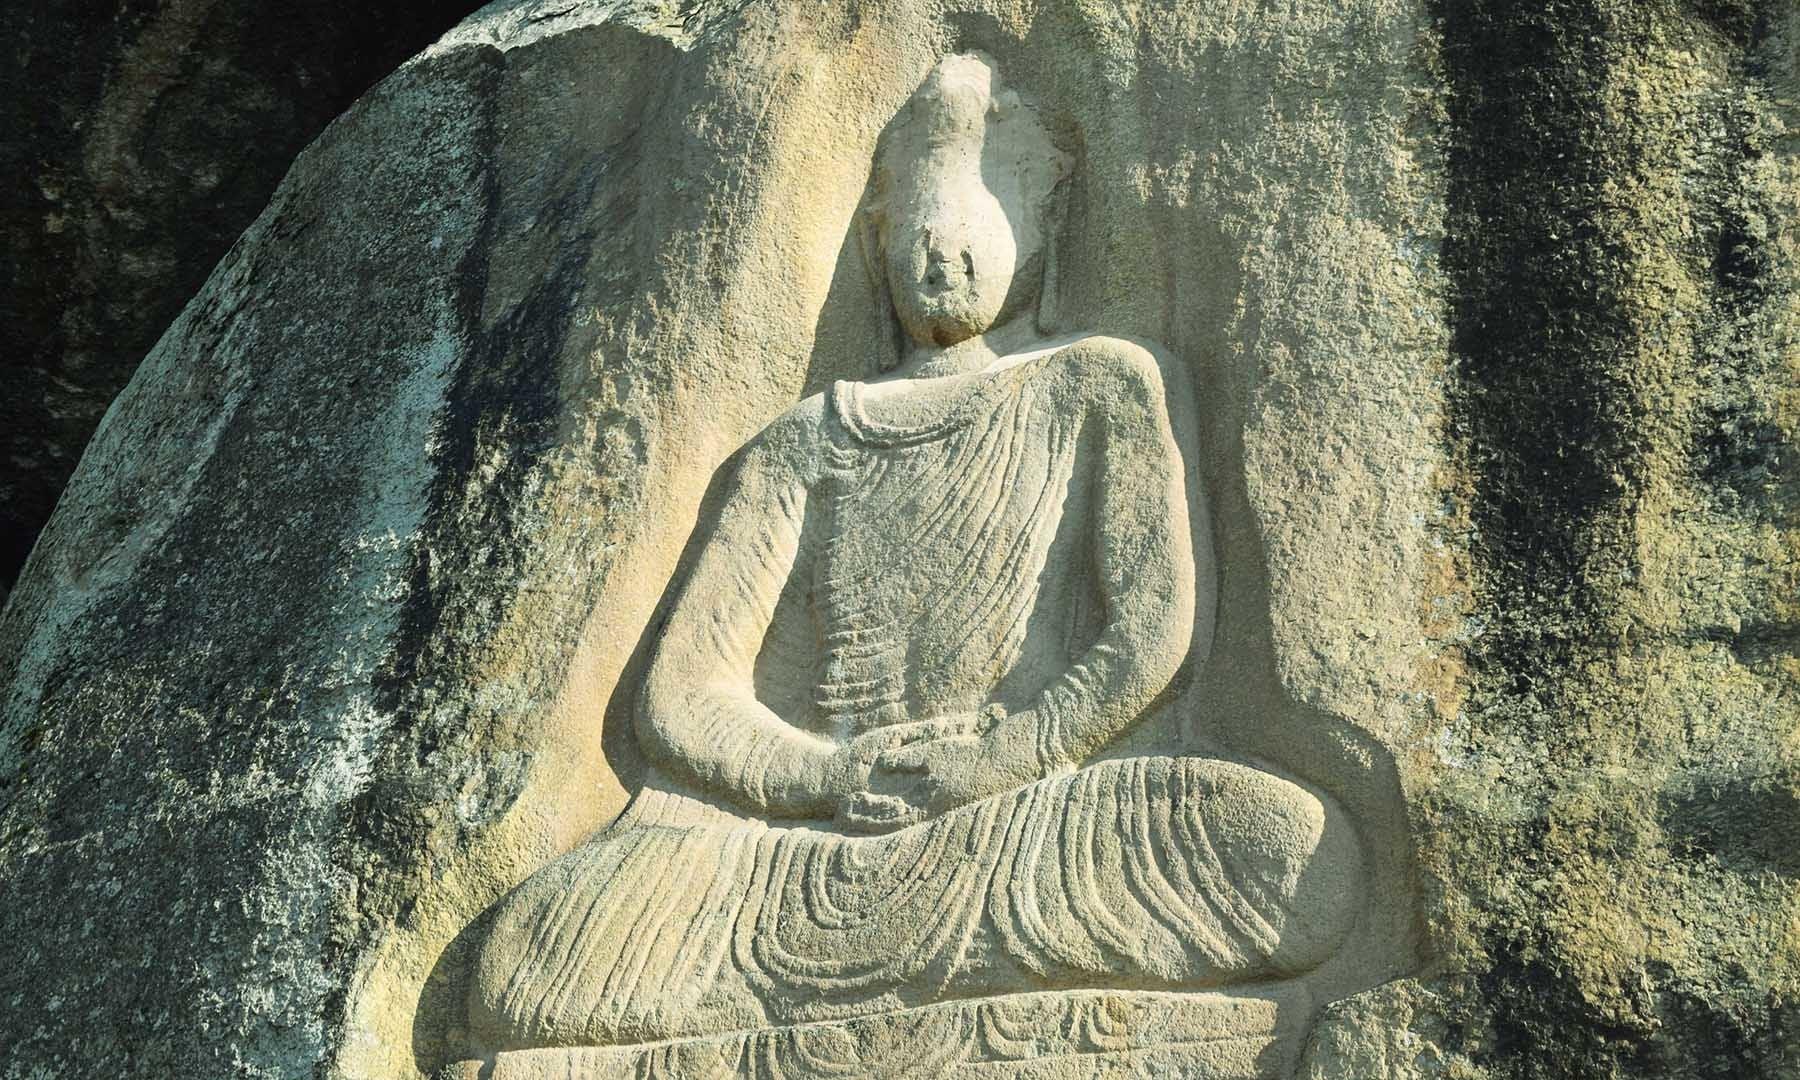 مجسمہ کی مسخ شدہ صورت—تصویر امجد علی سحاب